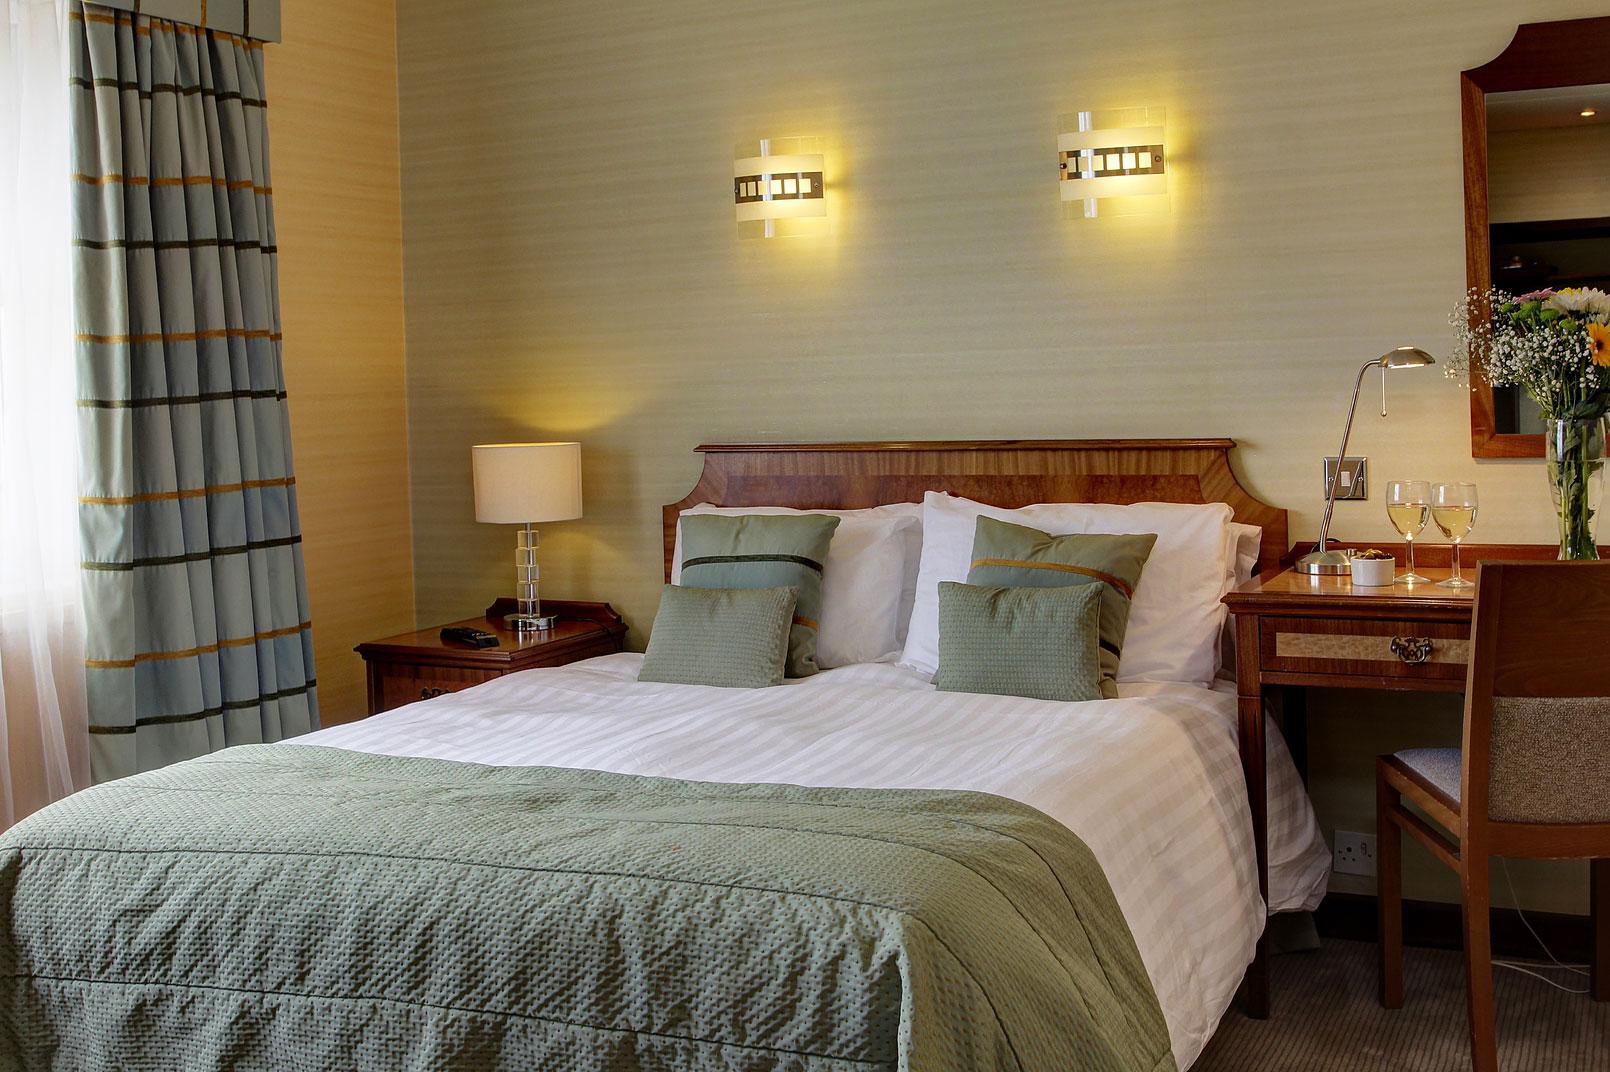 Best Western Aberavon Beach Hotel | Hotels in Swansea, South